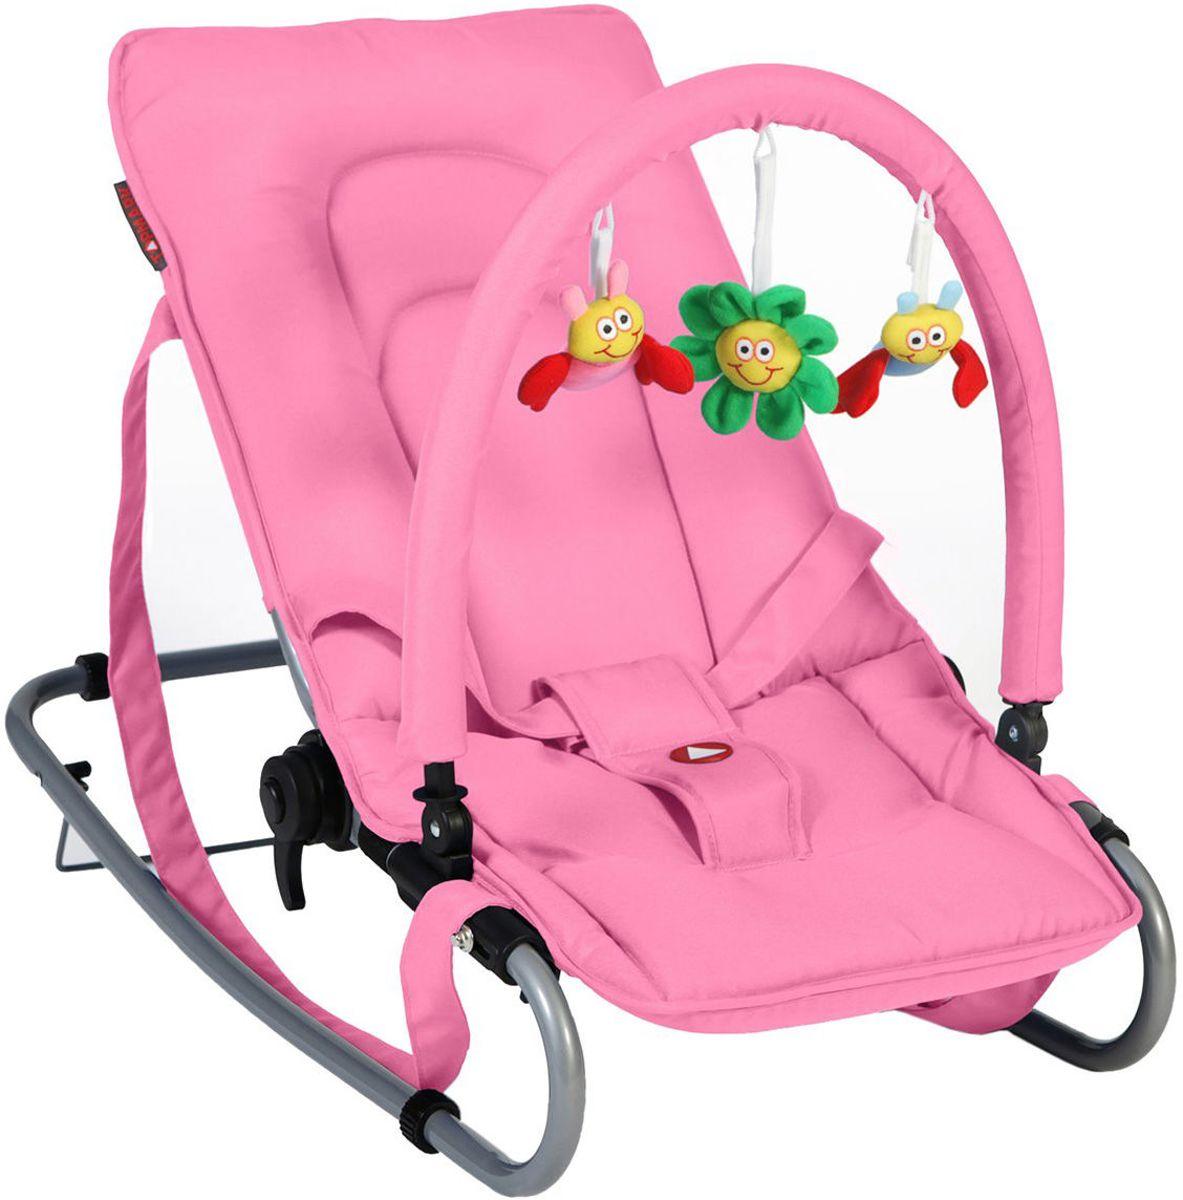 Elektrische Wipstoel Baby.Wipstoel Roze De Leukste Wipstoeltjes Voor Meisjes Cadeaus Voor